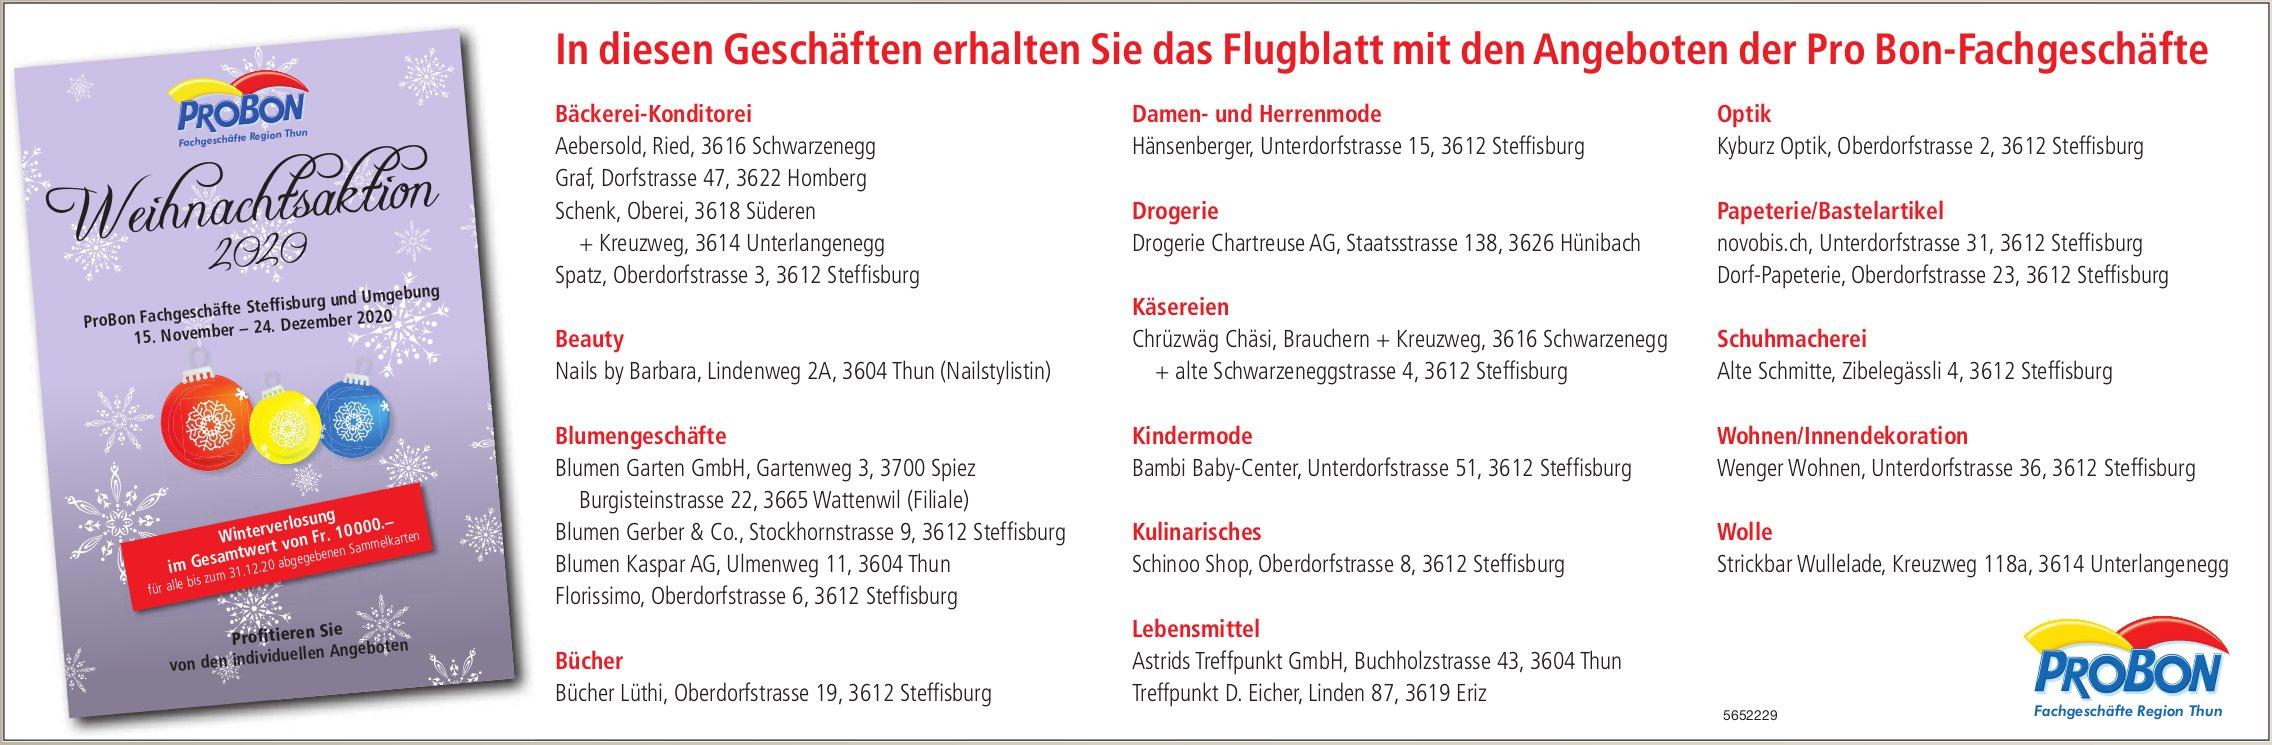 ProBon Weihnachtsaktion, Steffisburg - In diesen Geschäften erhalten Sie das Flugblatt mit den Angeboten der Pro Bon-Fachgeschäfte